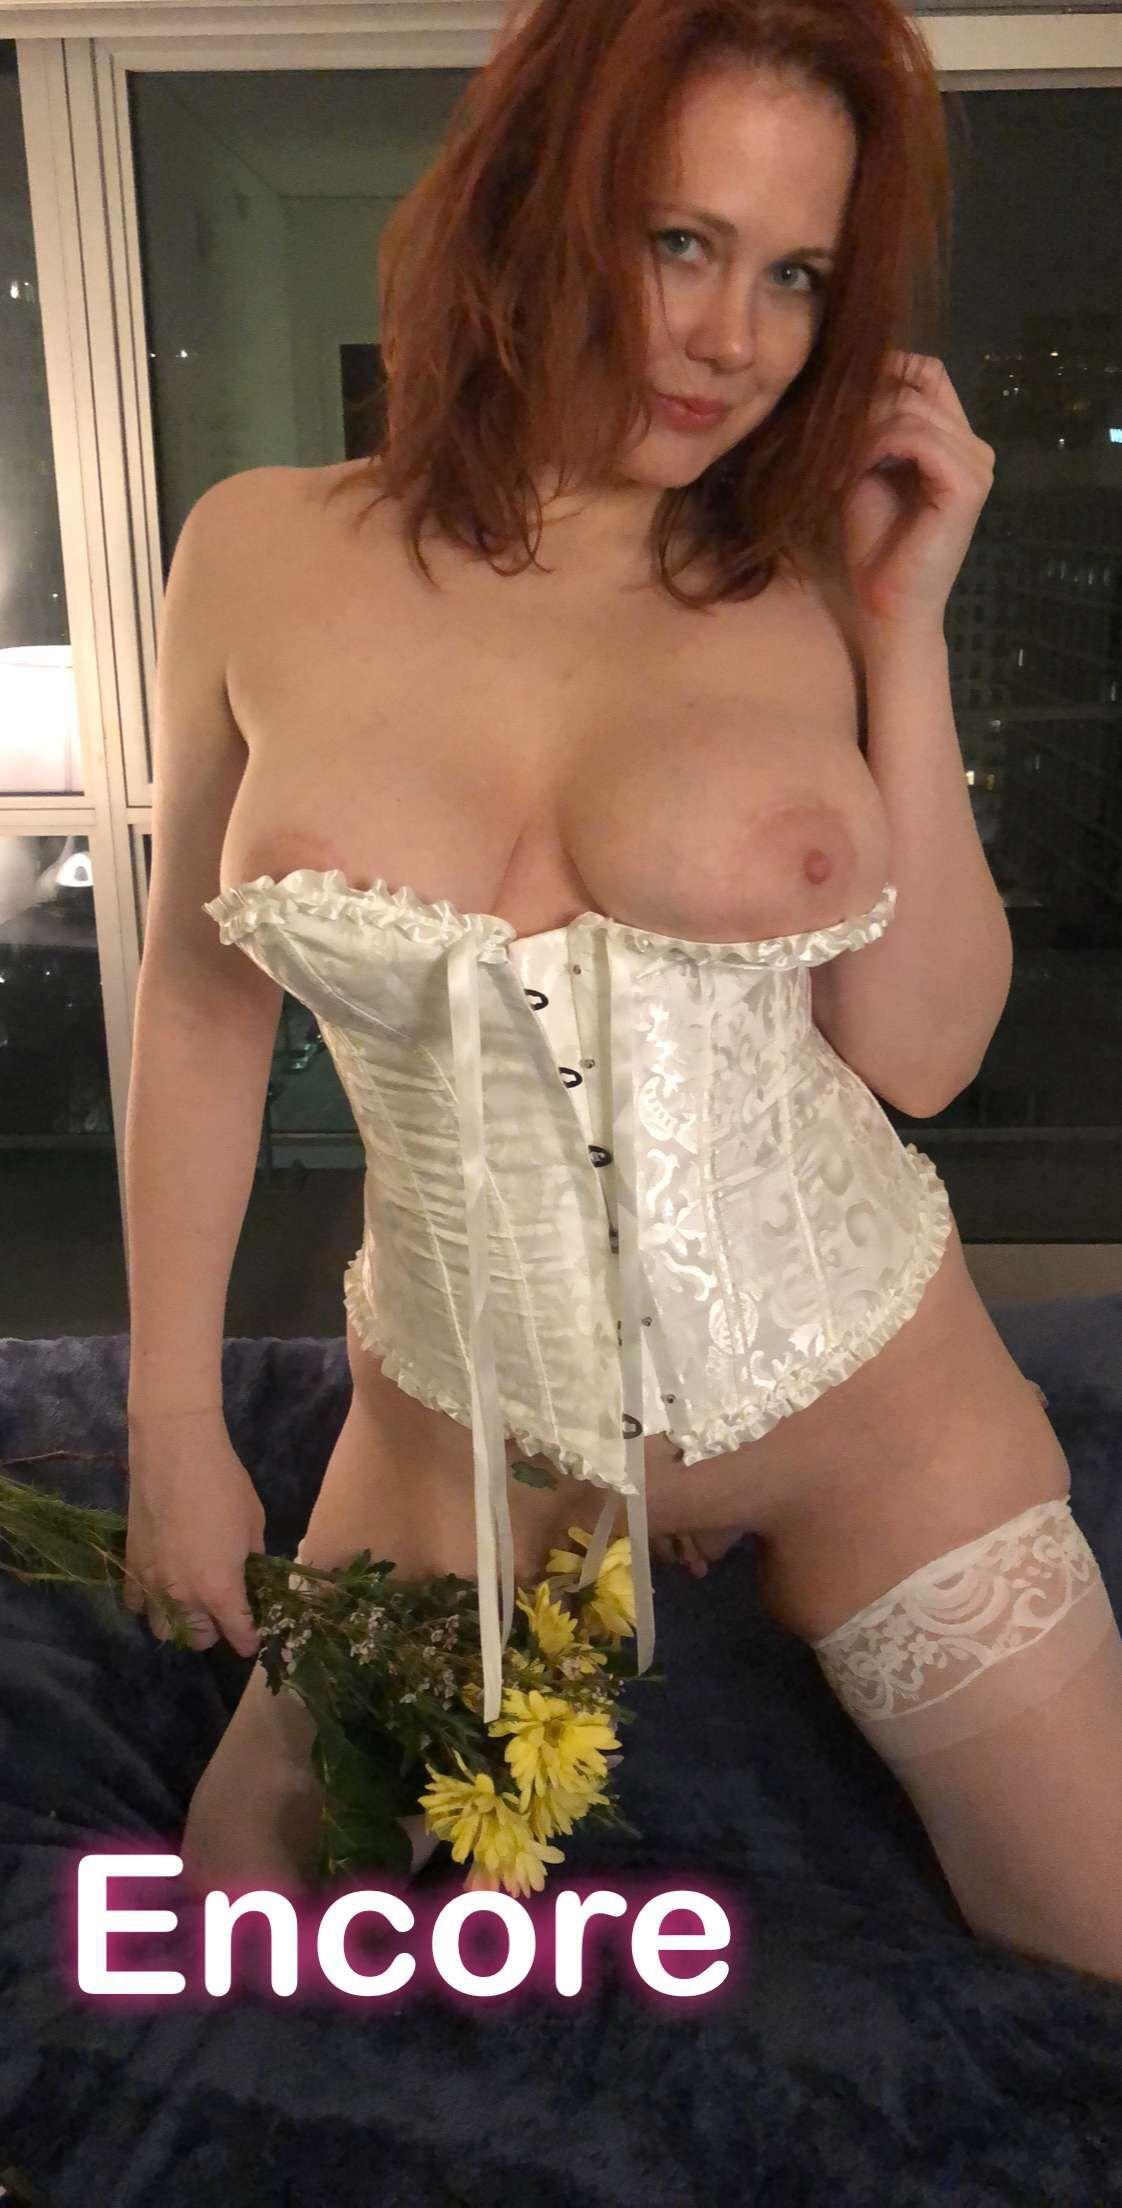 Beatrix totalsupercuties nudes